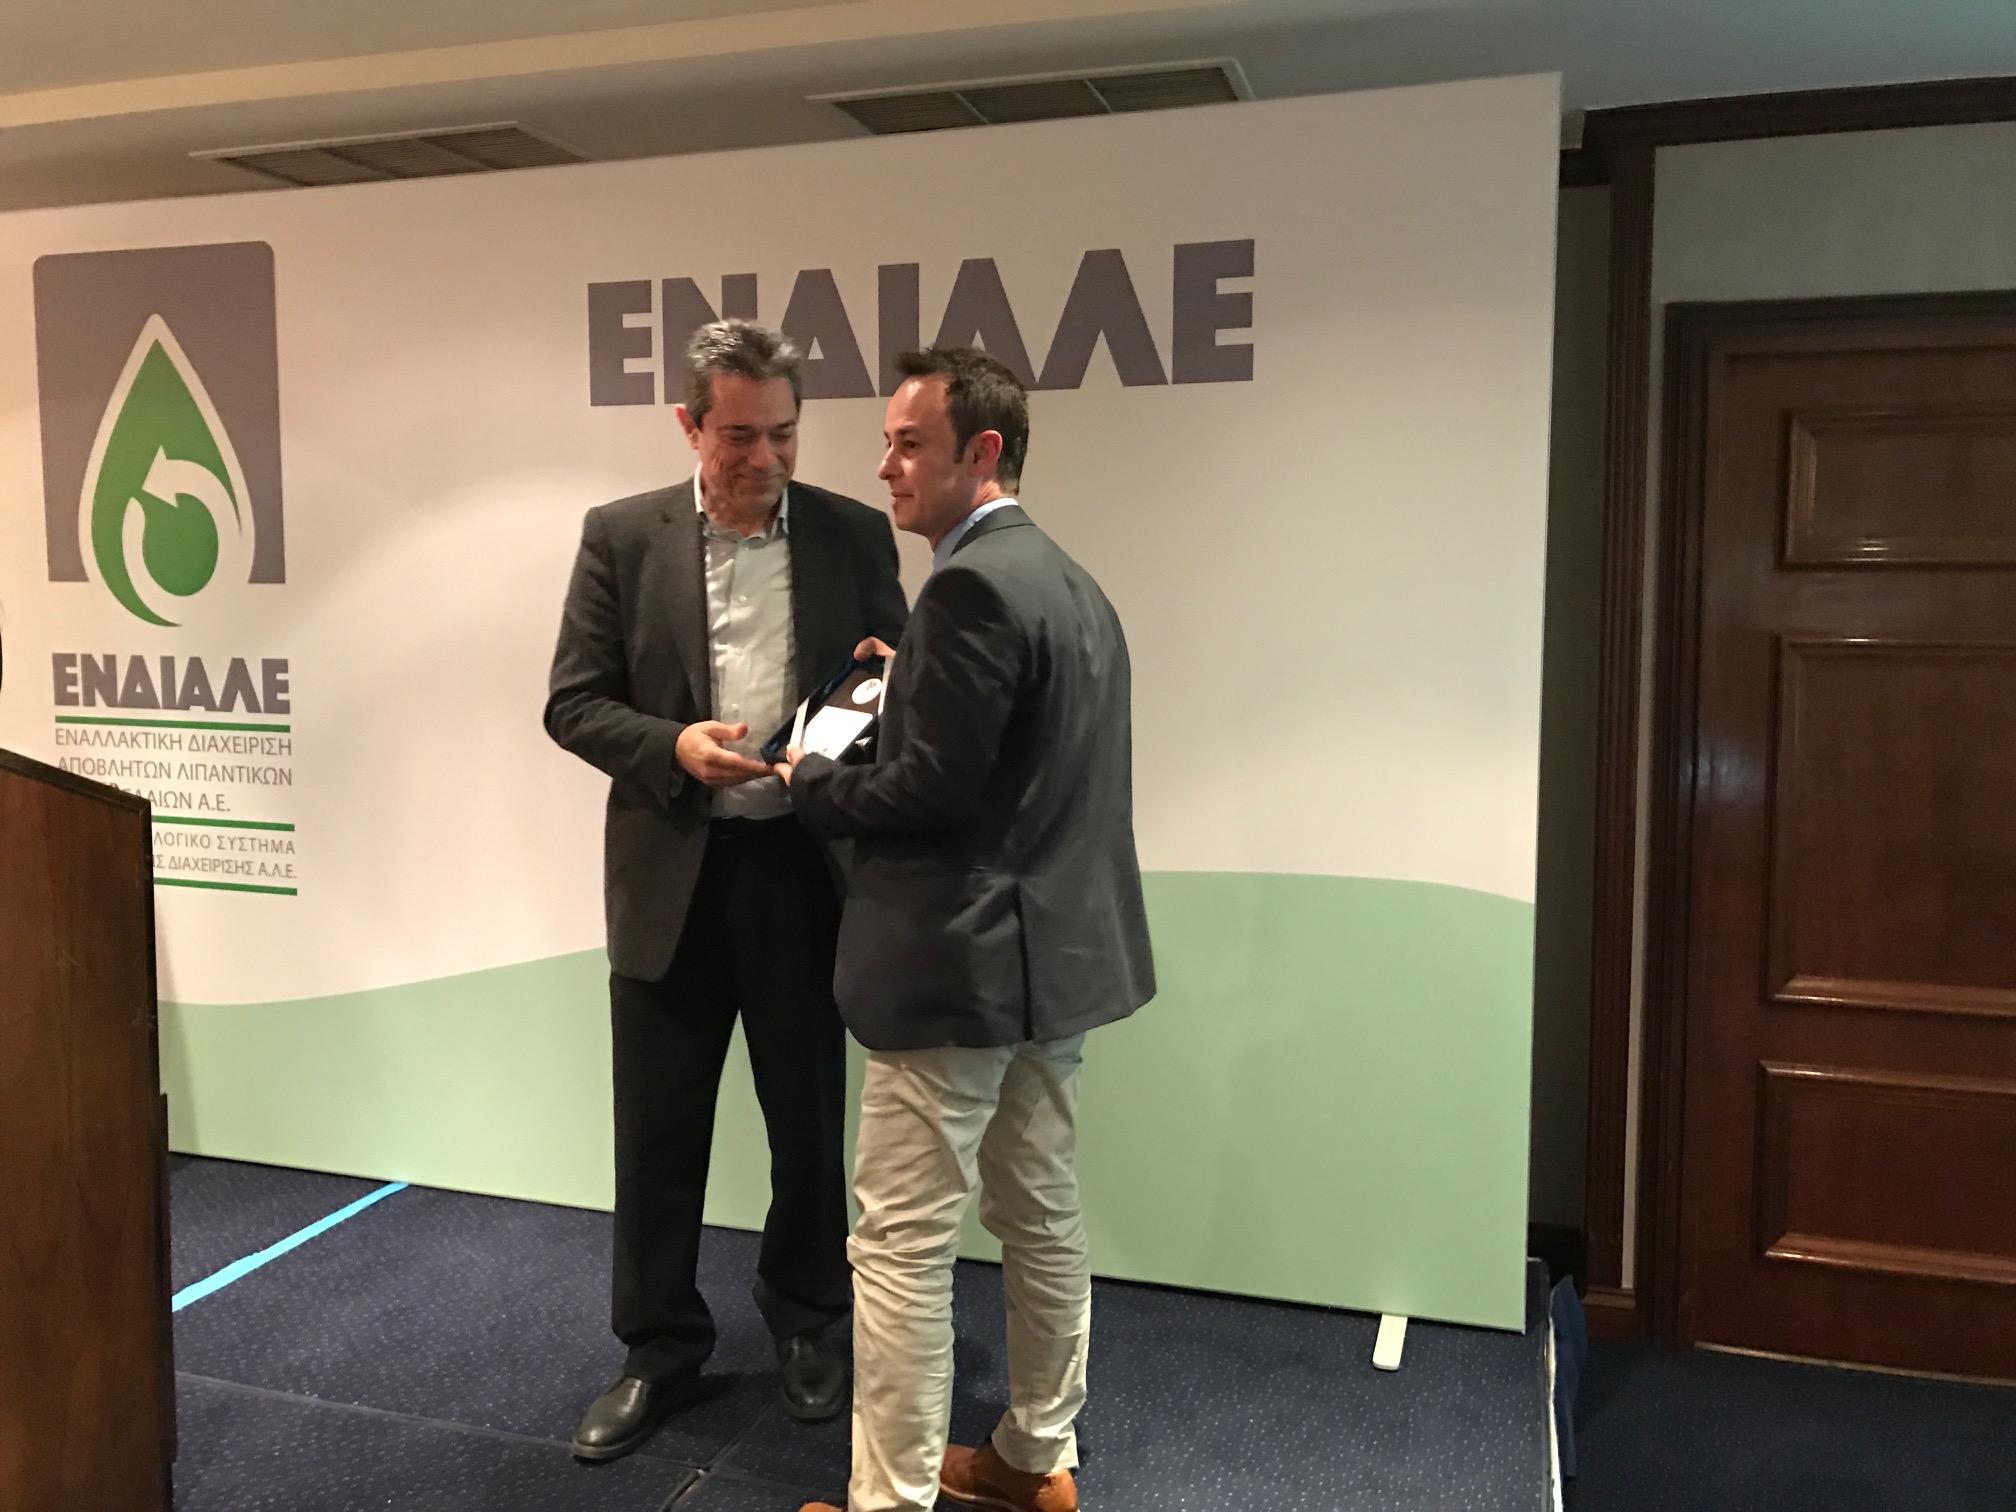 Πρωτιά στα Περιβαλλοντικά Βραβεία 2017 για την Κουμαντζιάς ΑΕ (2)